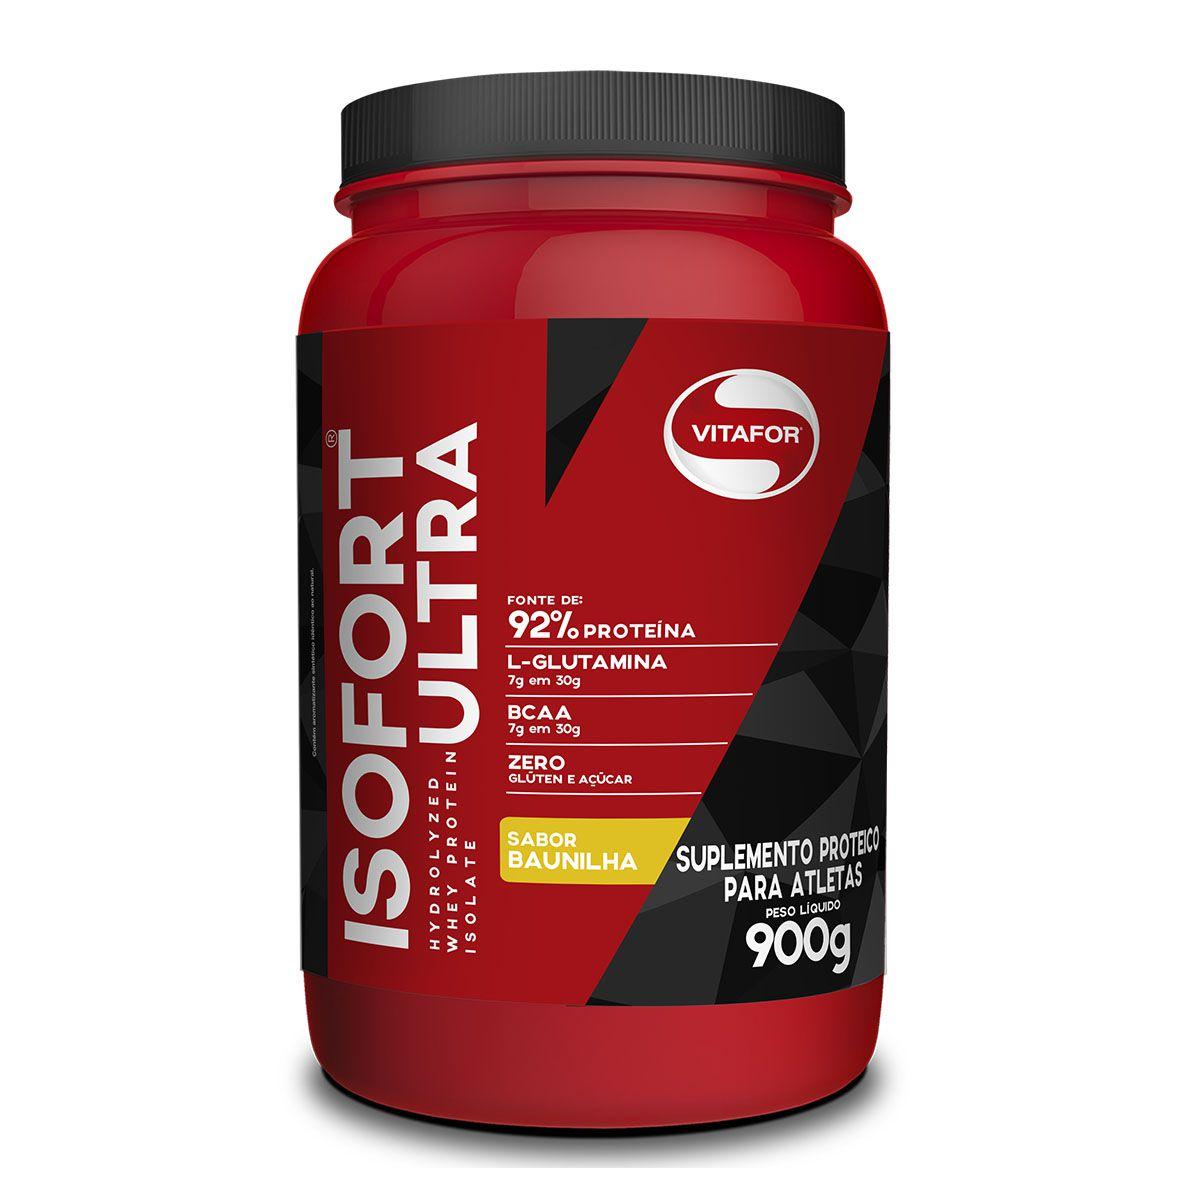 Isofort Ultra 900g - Vitafor